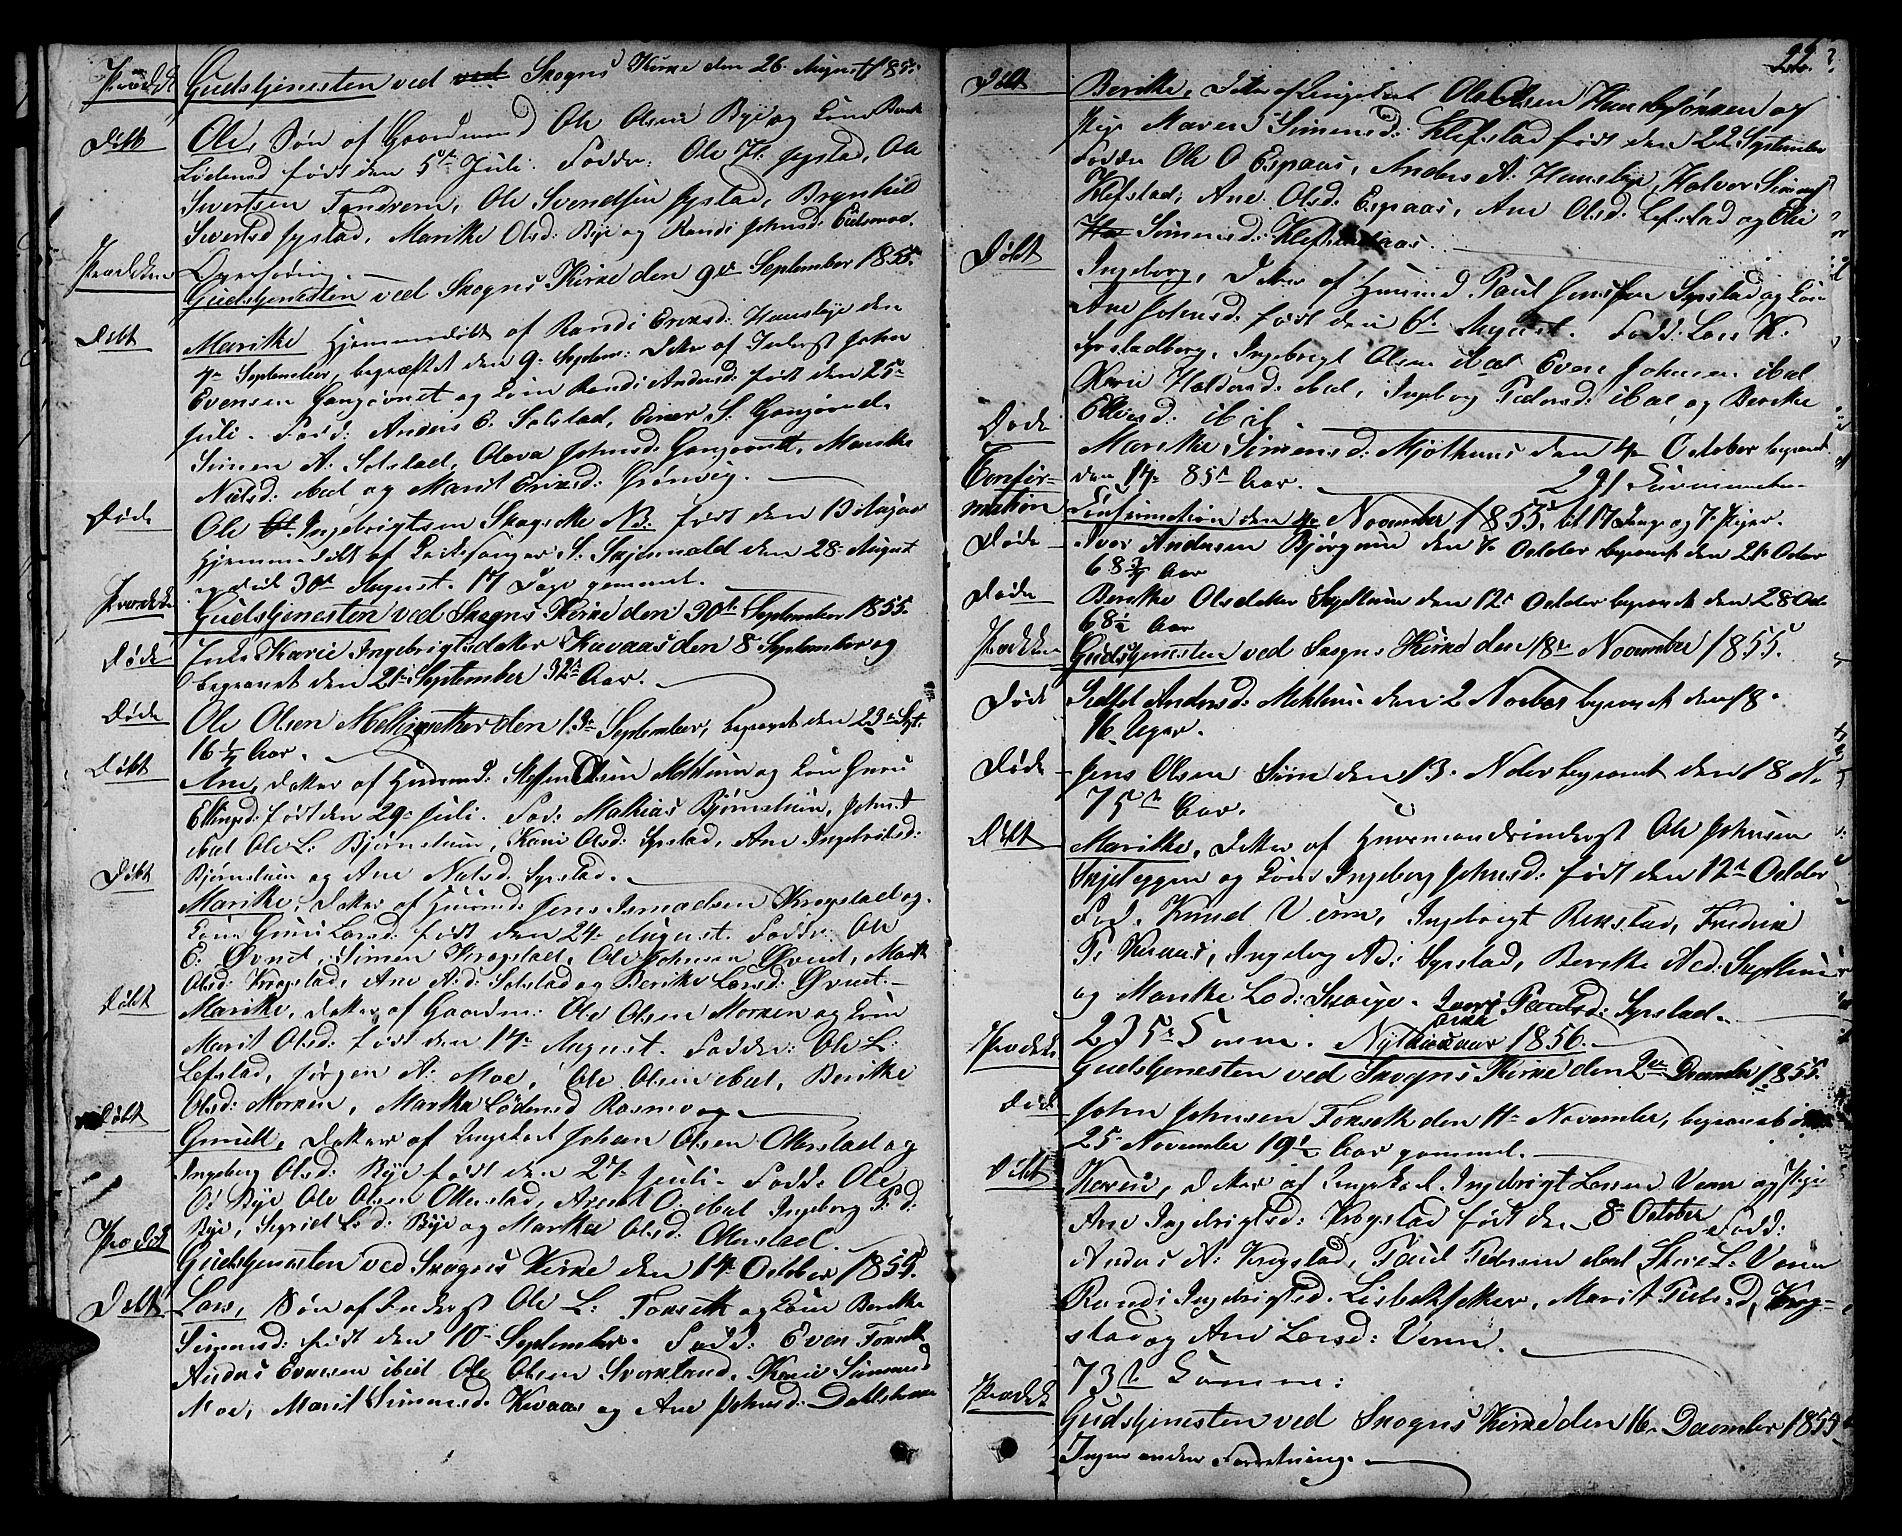 SAT, Ministerialprotokoller, klokkerbøker og fødselsregistre - Sør-Trøndelag, 667/L0797: Klokkerbok nr. 667C02, 1849-1867, s. 22